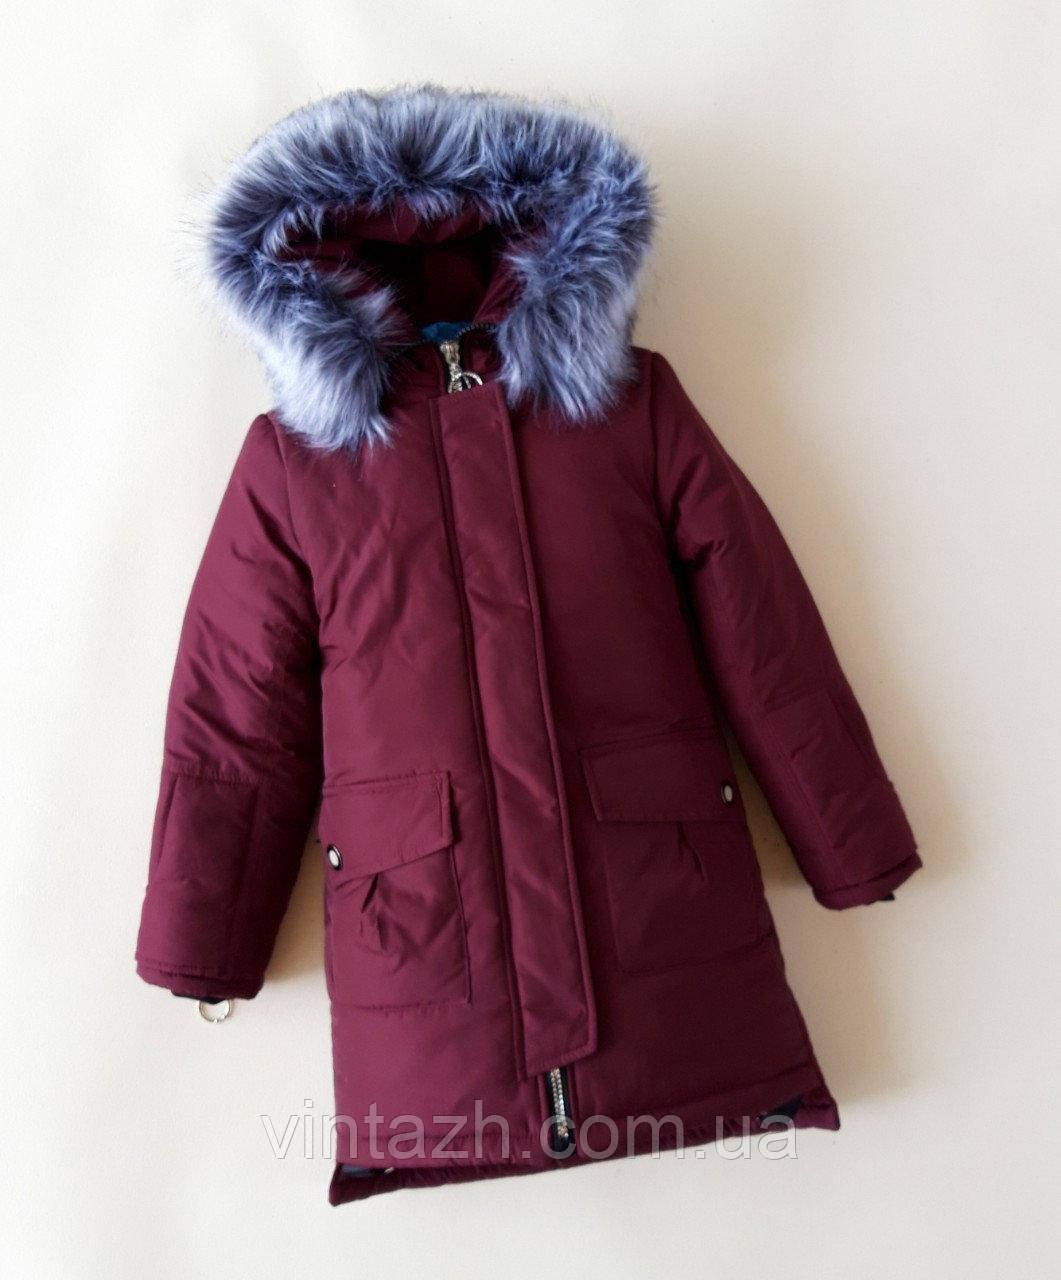 Модная  зимняя куртка  для девочки в Украине от производителя